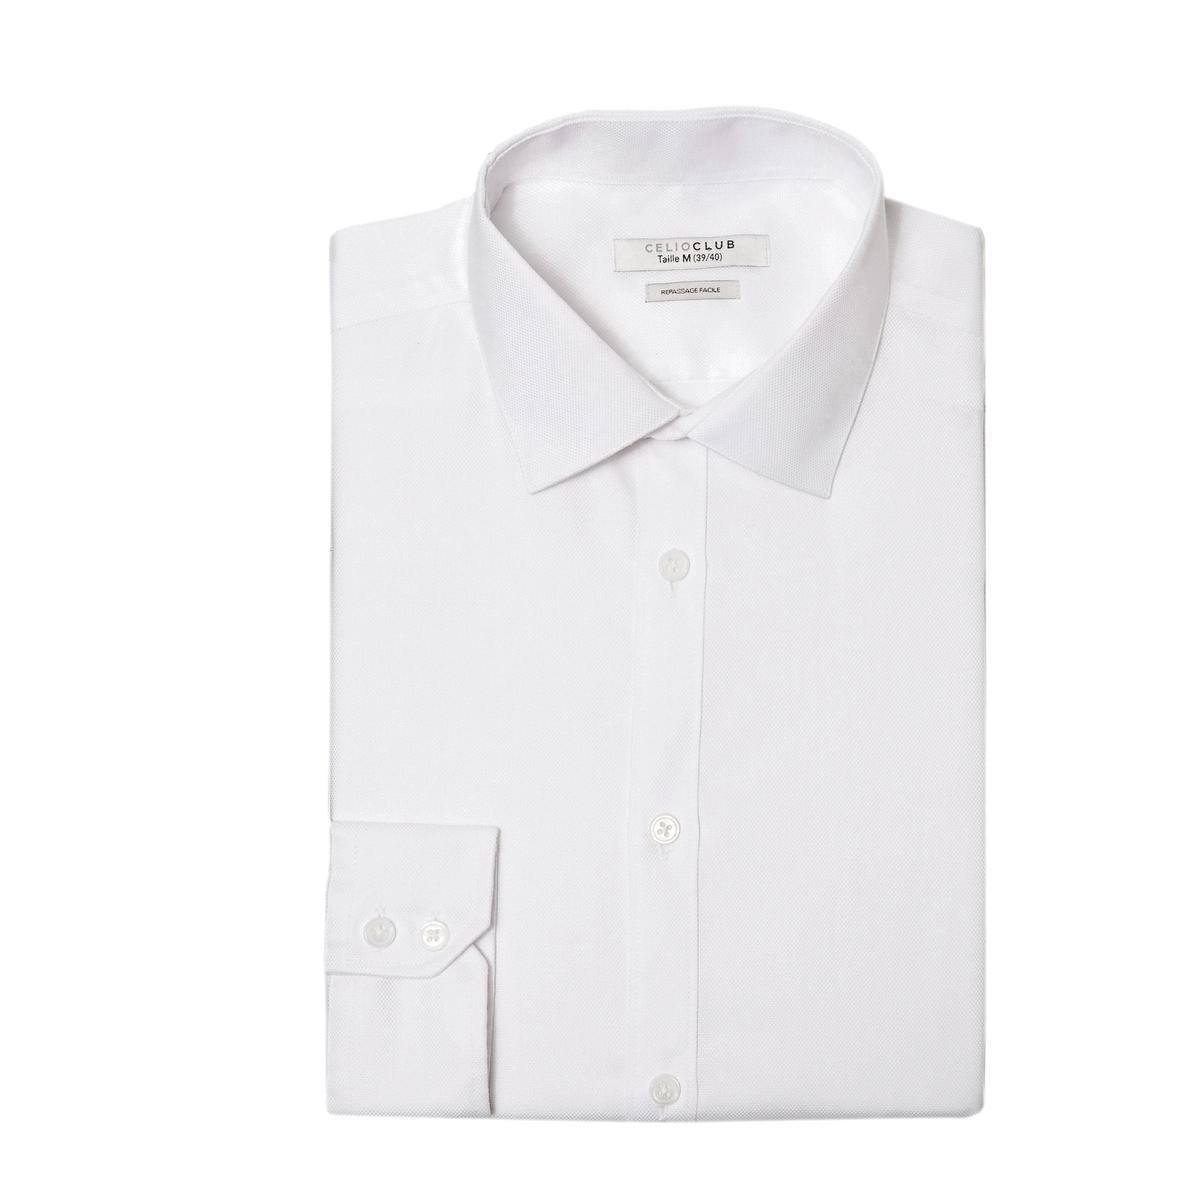 Рубашка в стиле оксфорд TCAROX